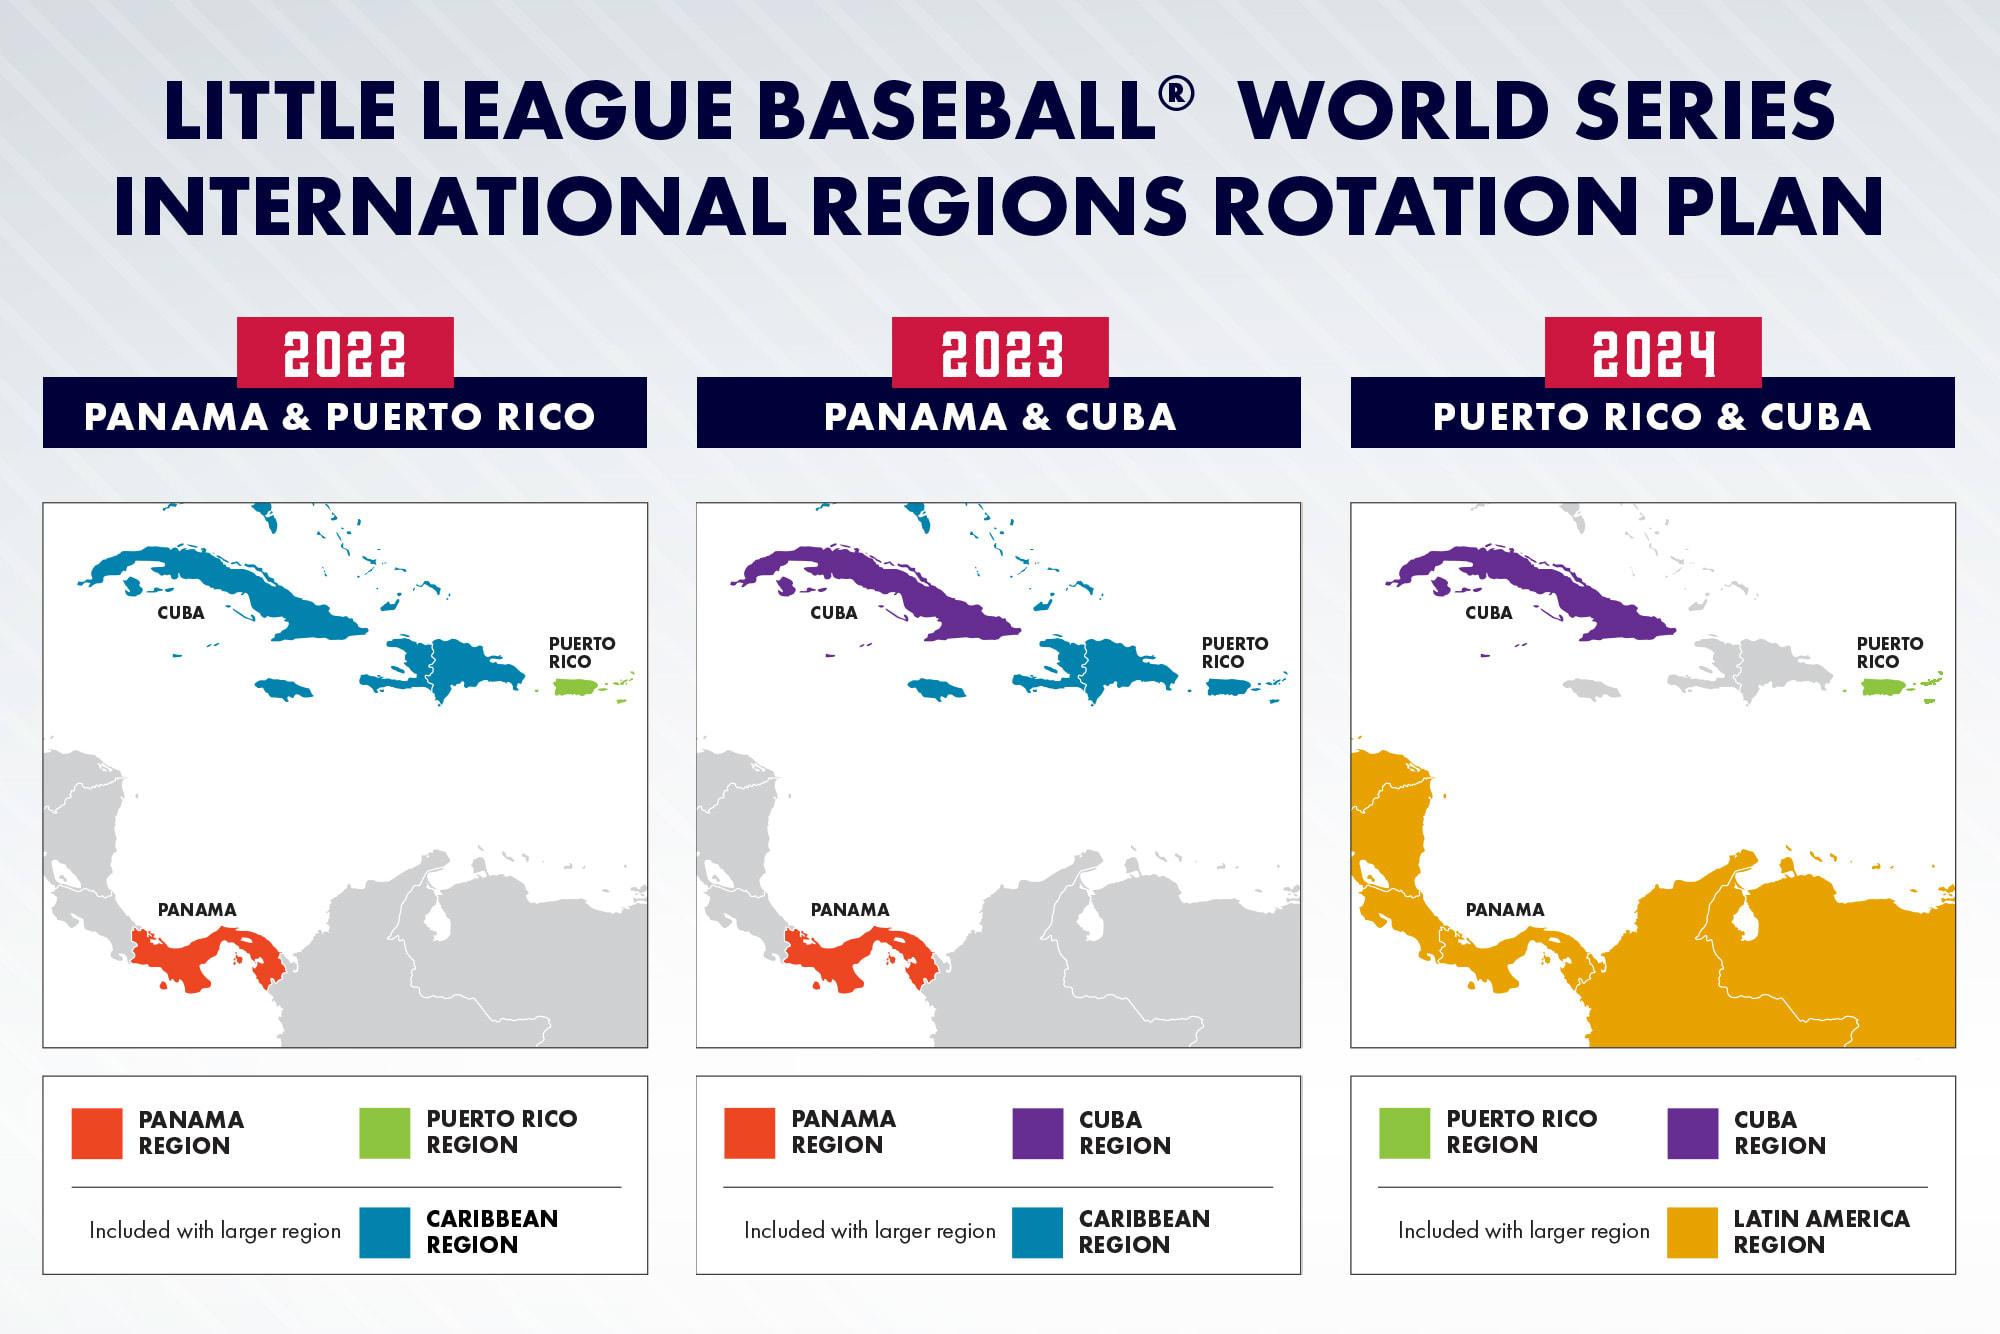 International Region Rotation Plan